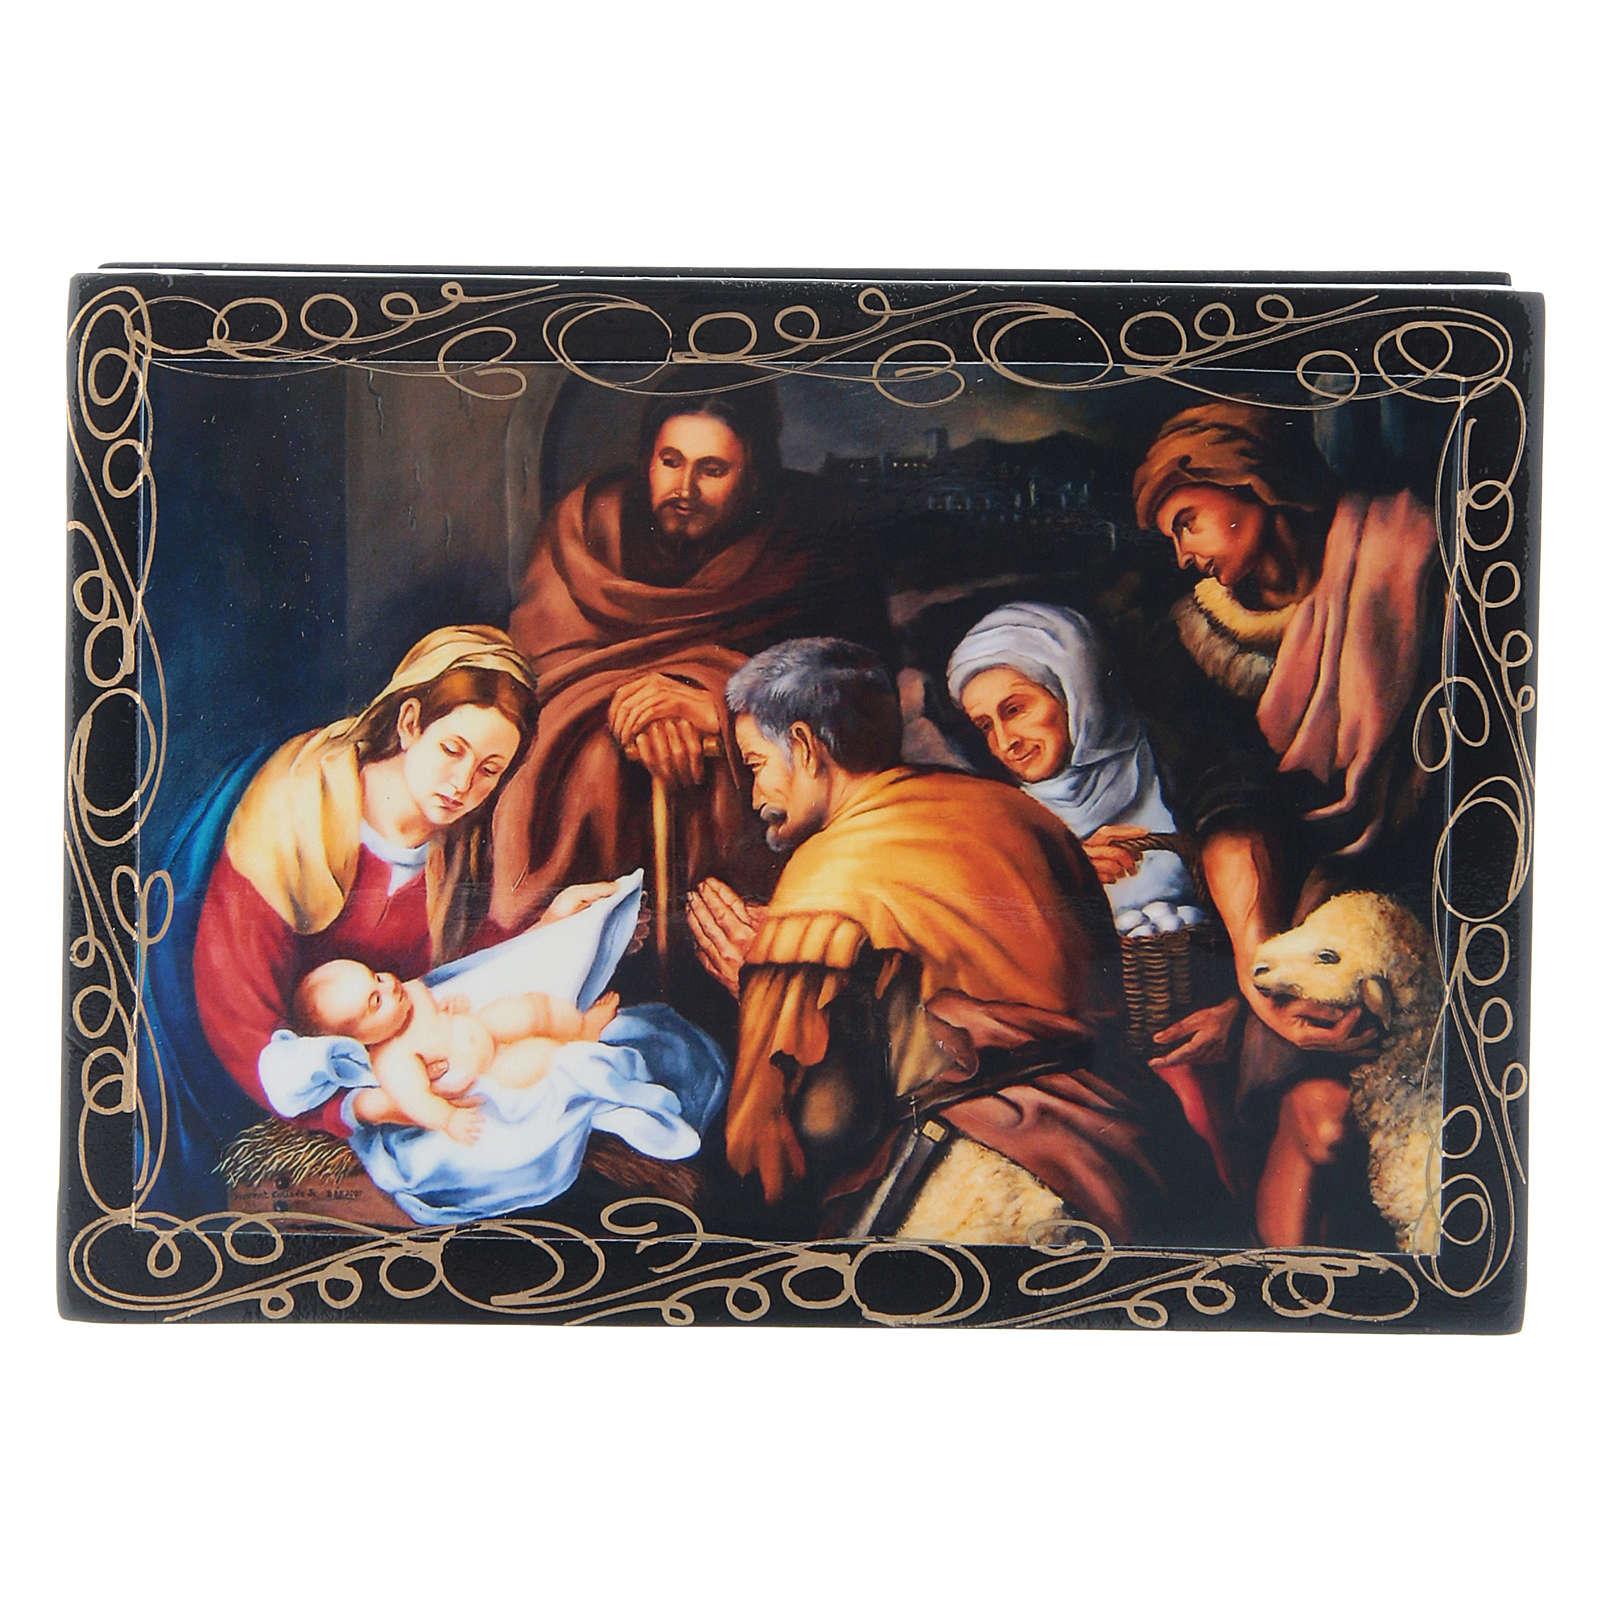 Lacca cartapesta russa decorata La Nascita di Cristo 14X10 cm 4